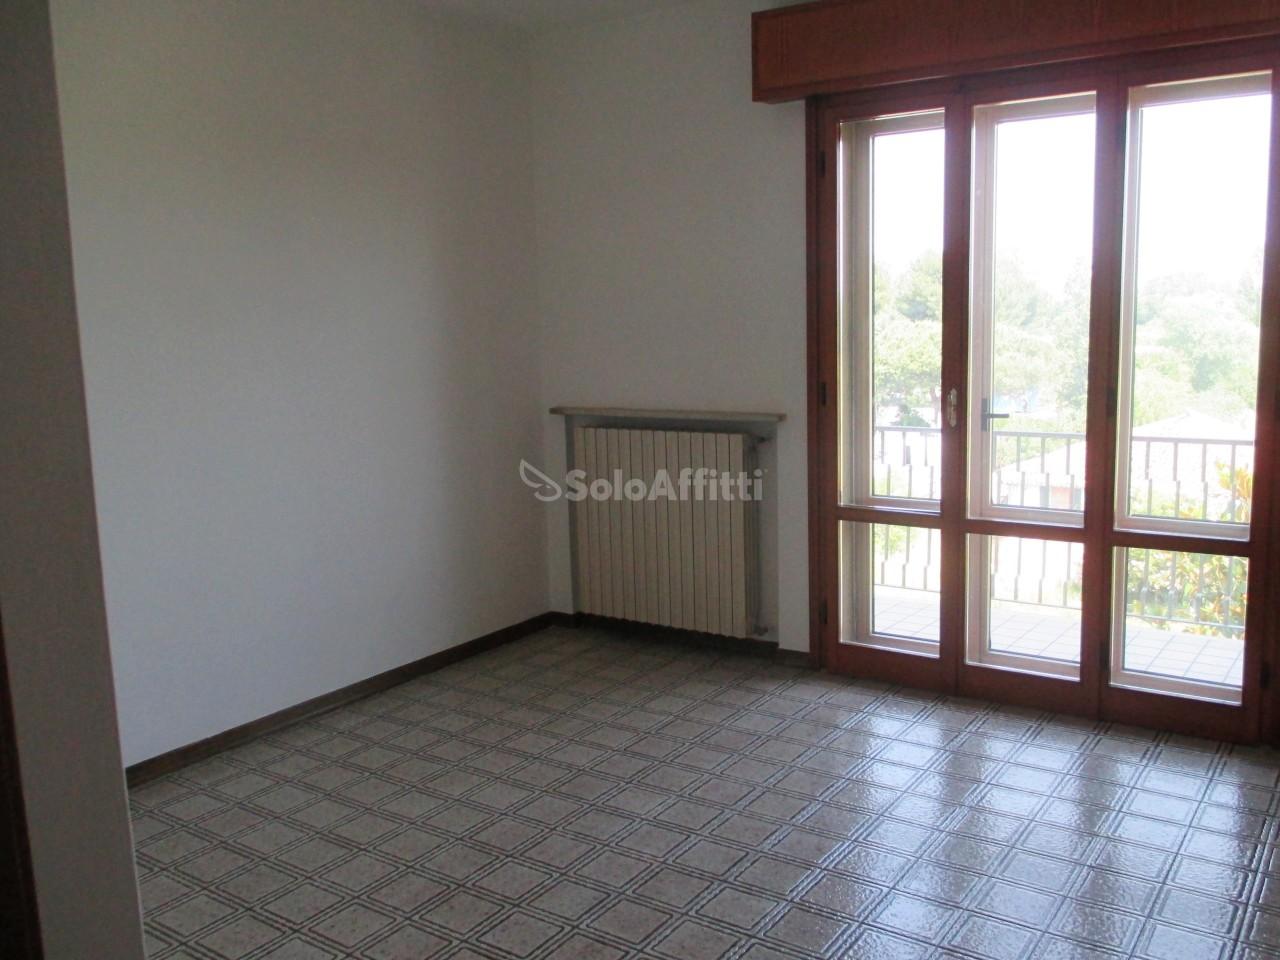 Appartamento, 100 Mq, Affitto - Rimini (Rimini)